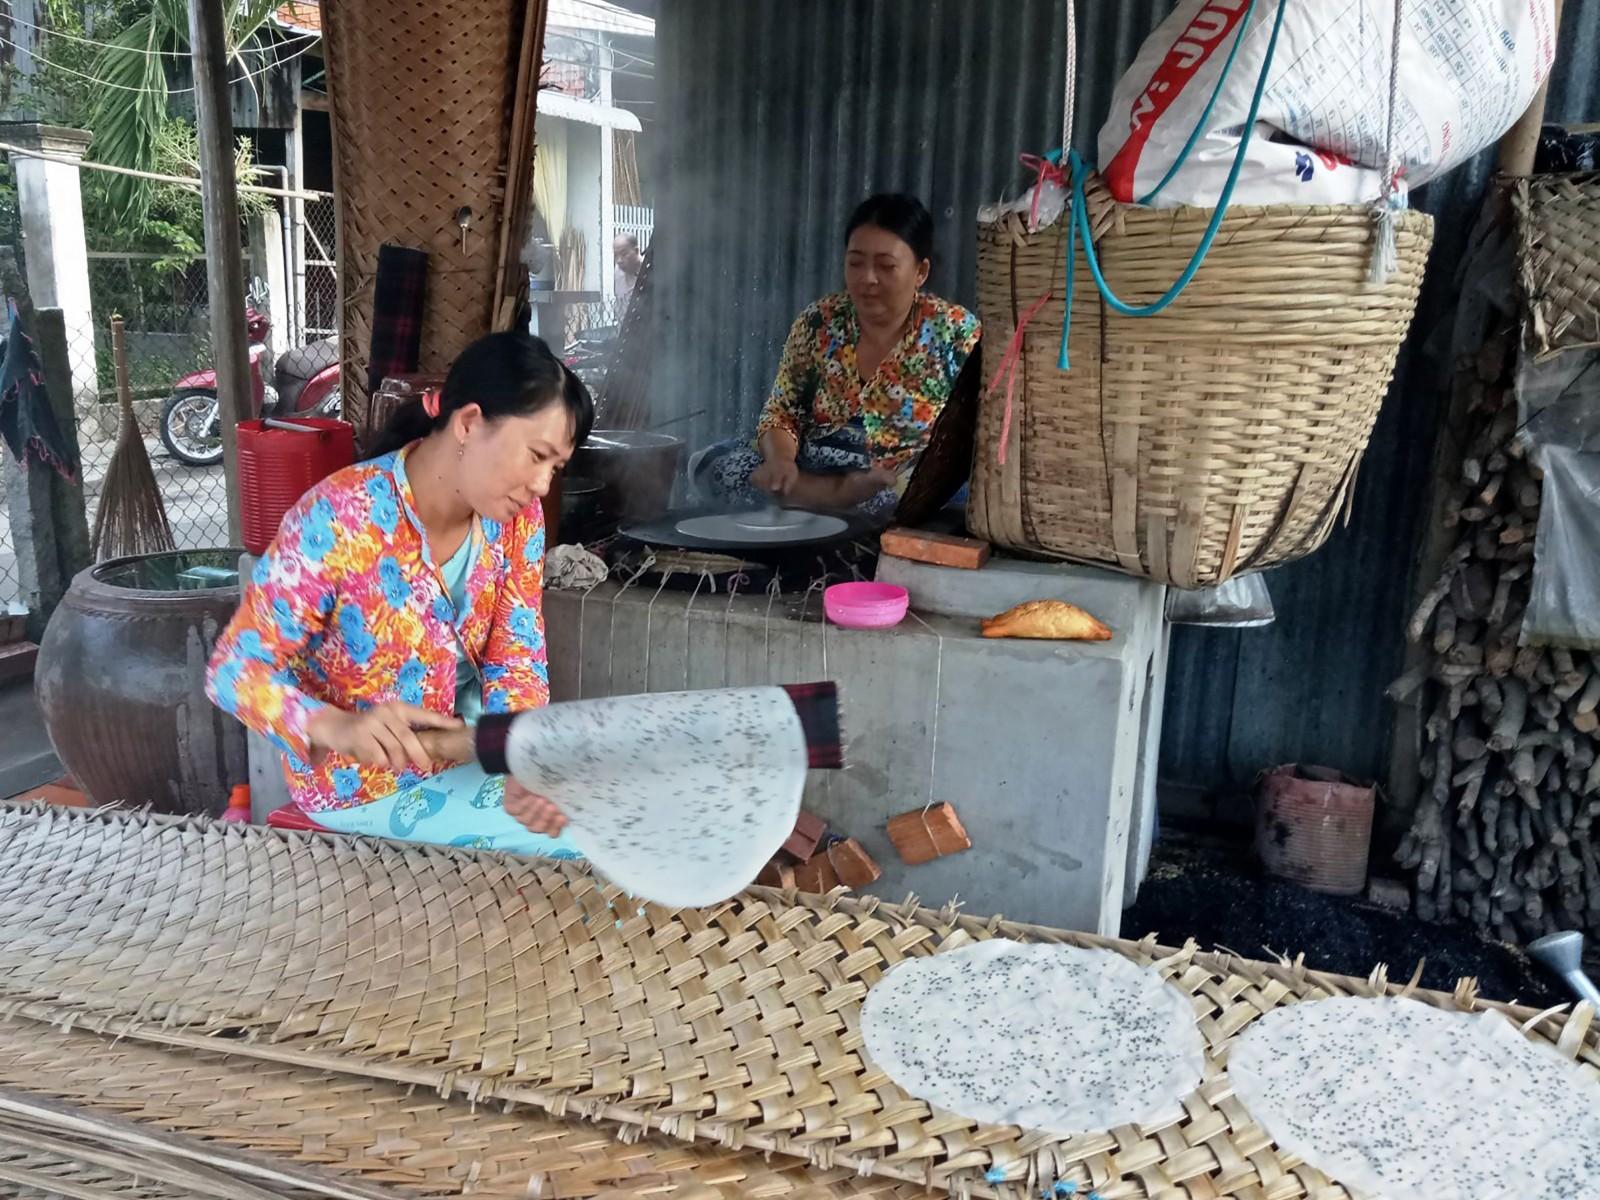 Các lò bánh tráng ở Thuận Hưng luôn hoạt động quanh năm. Ảnh: ÁI LAM